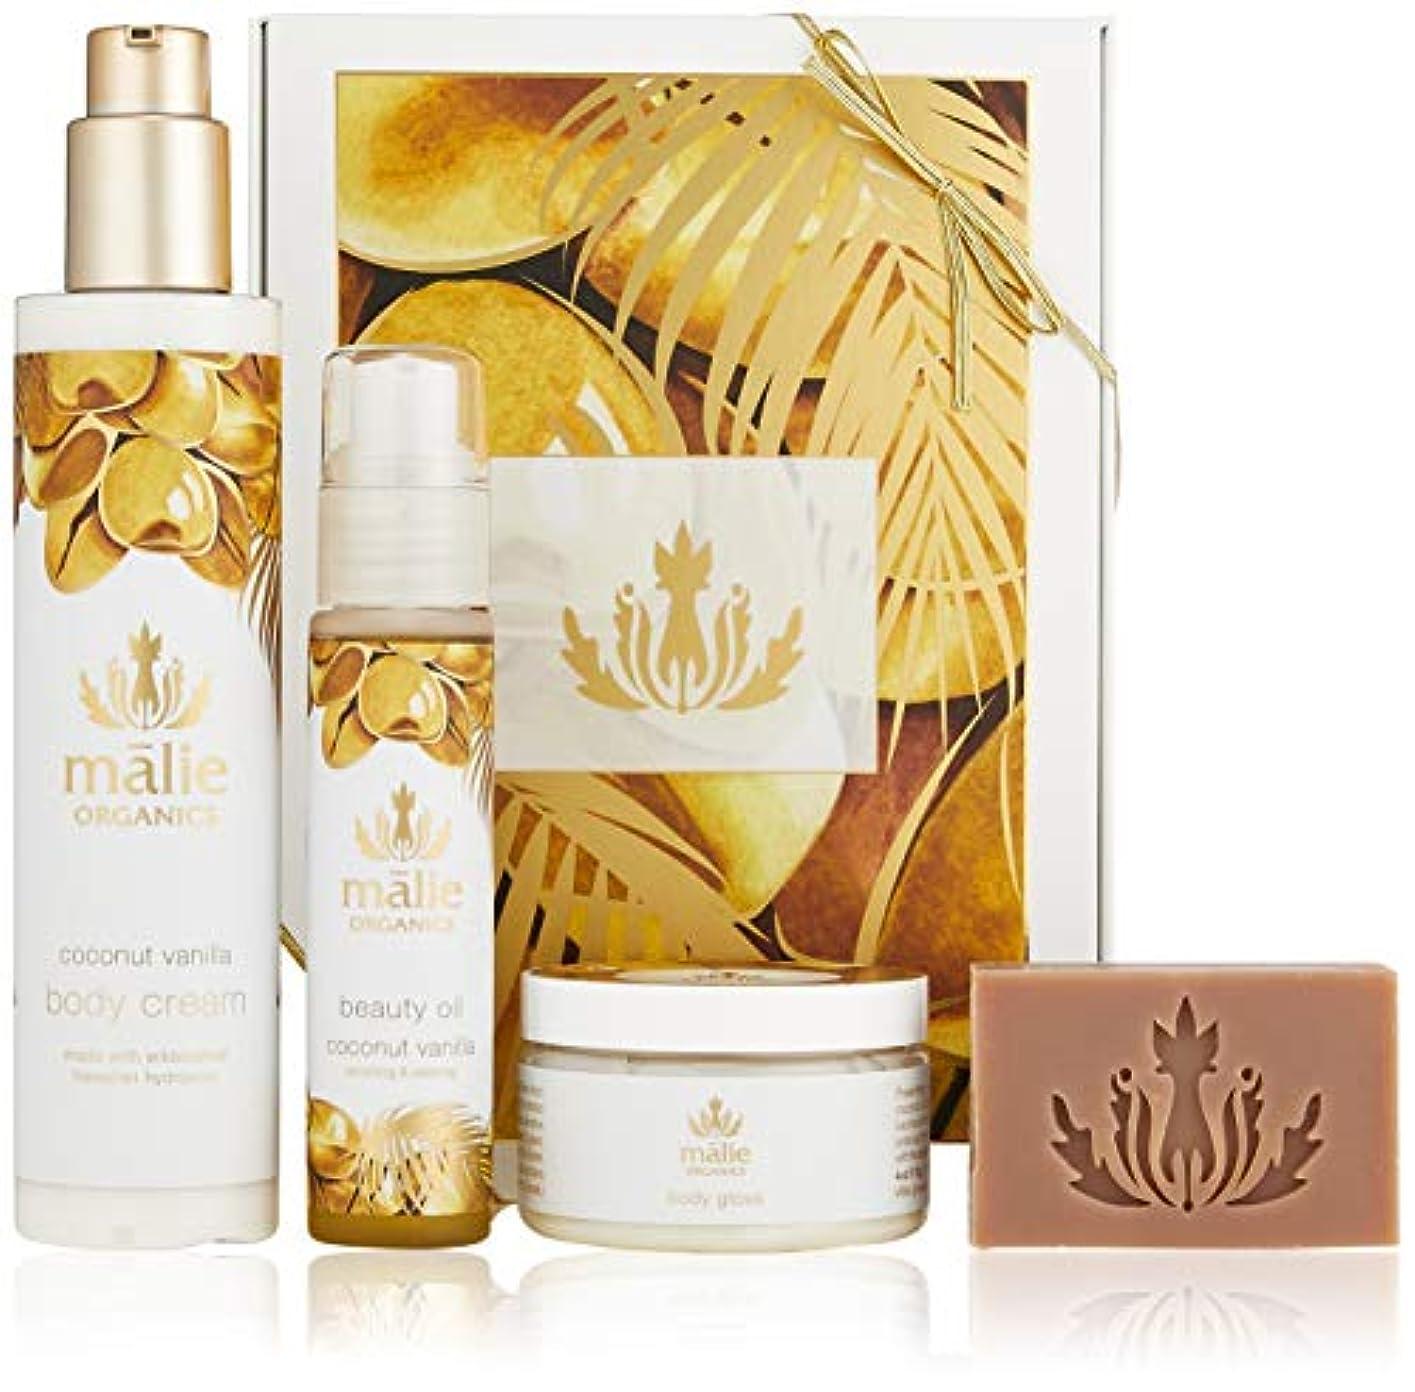 ストラトフォードオンエイボン掻く体Malie Organics(マリエオーガニクス) ラックススパボックス ココナッツバニラ (セット内容:Beauty Oil 75ml/ Body Cream 222ml/ Body Gloss 113g / Luxe...